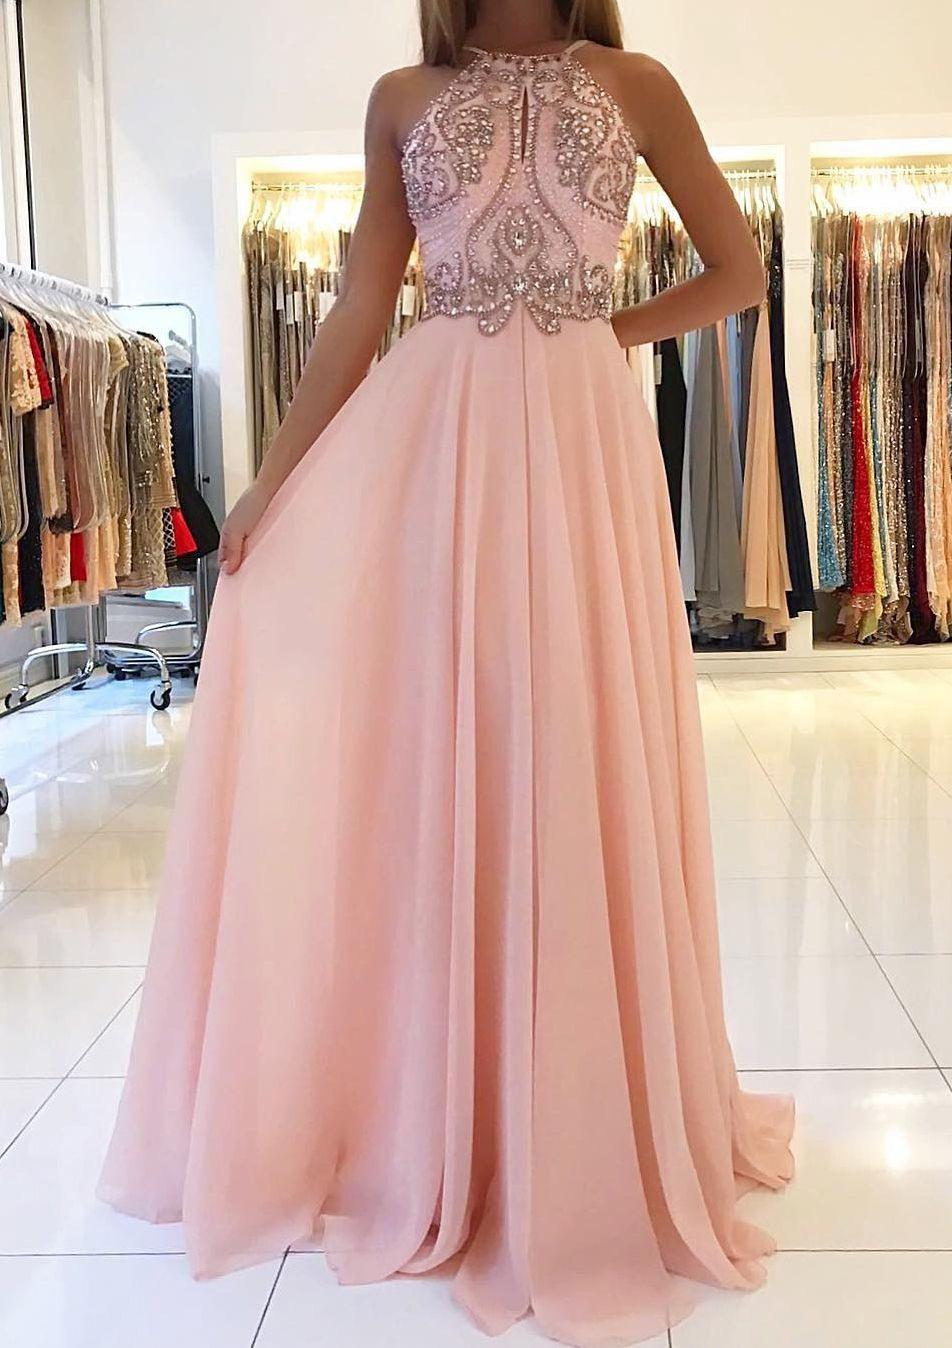 12 Schön Abendkleider Rose Boutique - Abendkleid